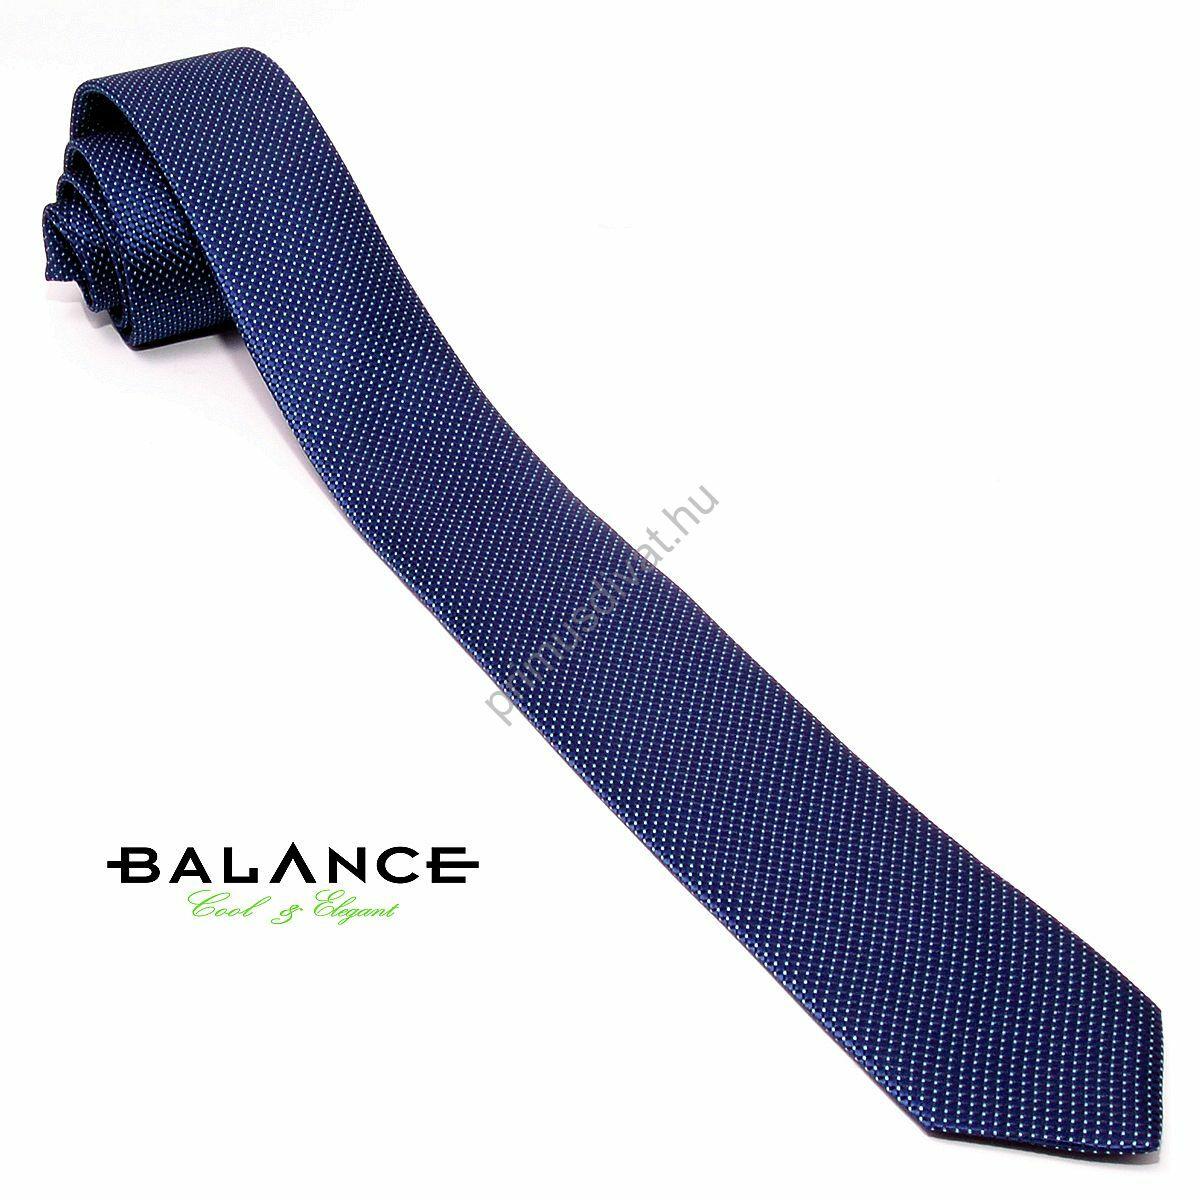 978b93f9f2 Kép 1/1 - Balance apró fehér pöttyös sötétkék keskeny selyem nyakkendő